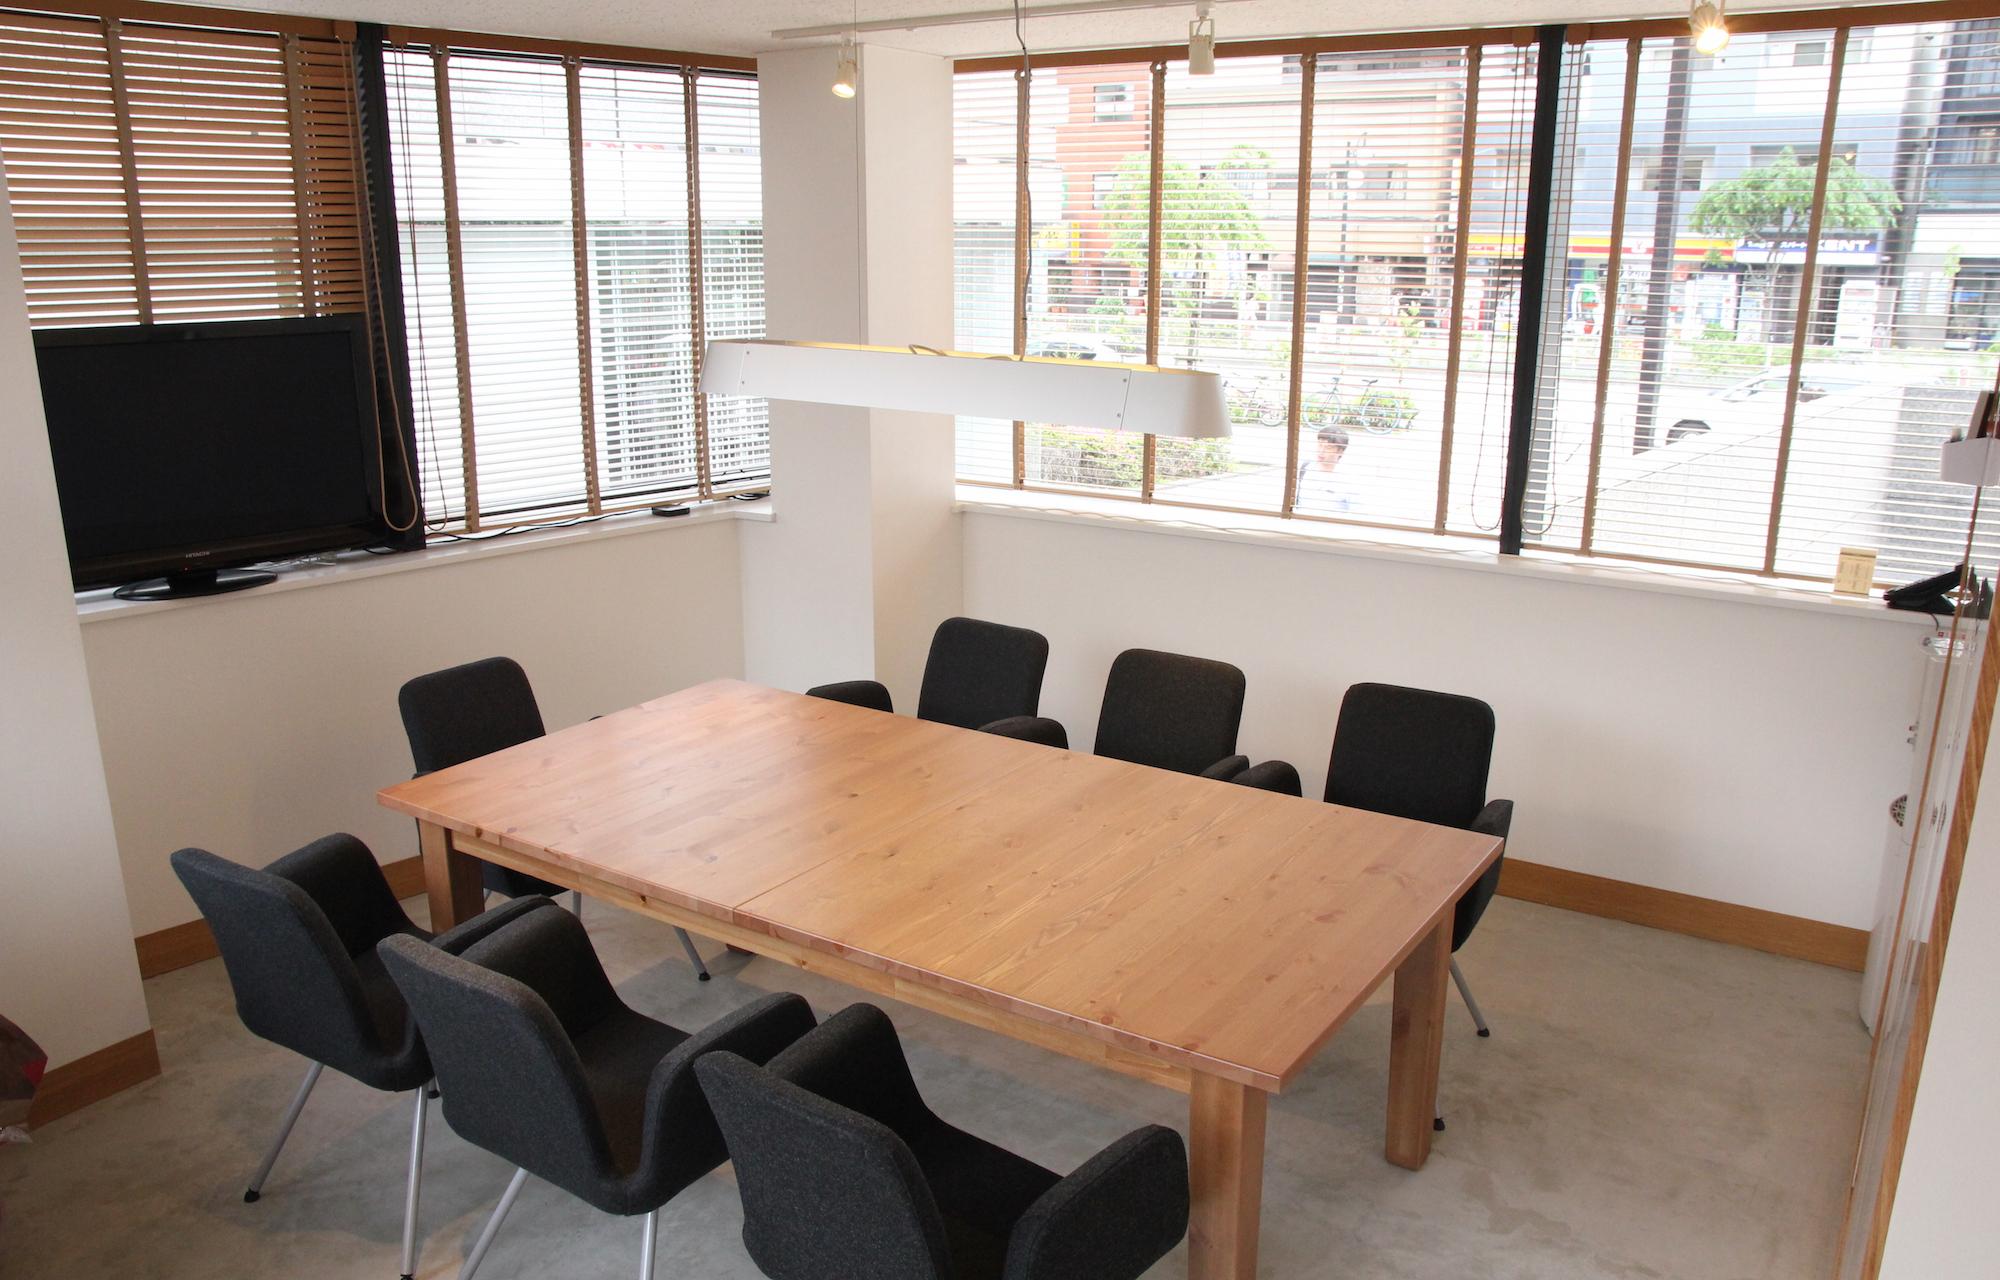 株式会社スクワッド Meeting Room デザイン・レイアウト事例